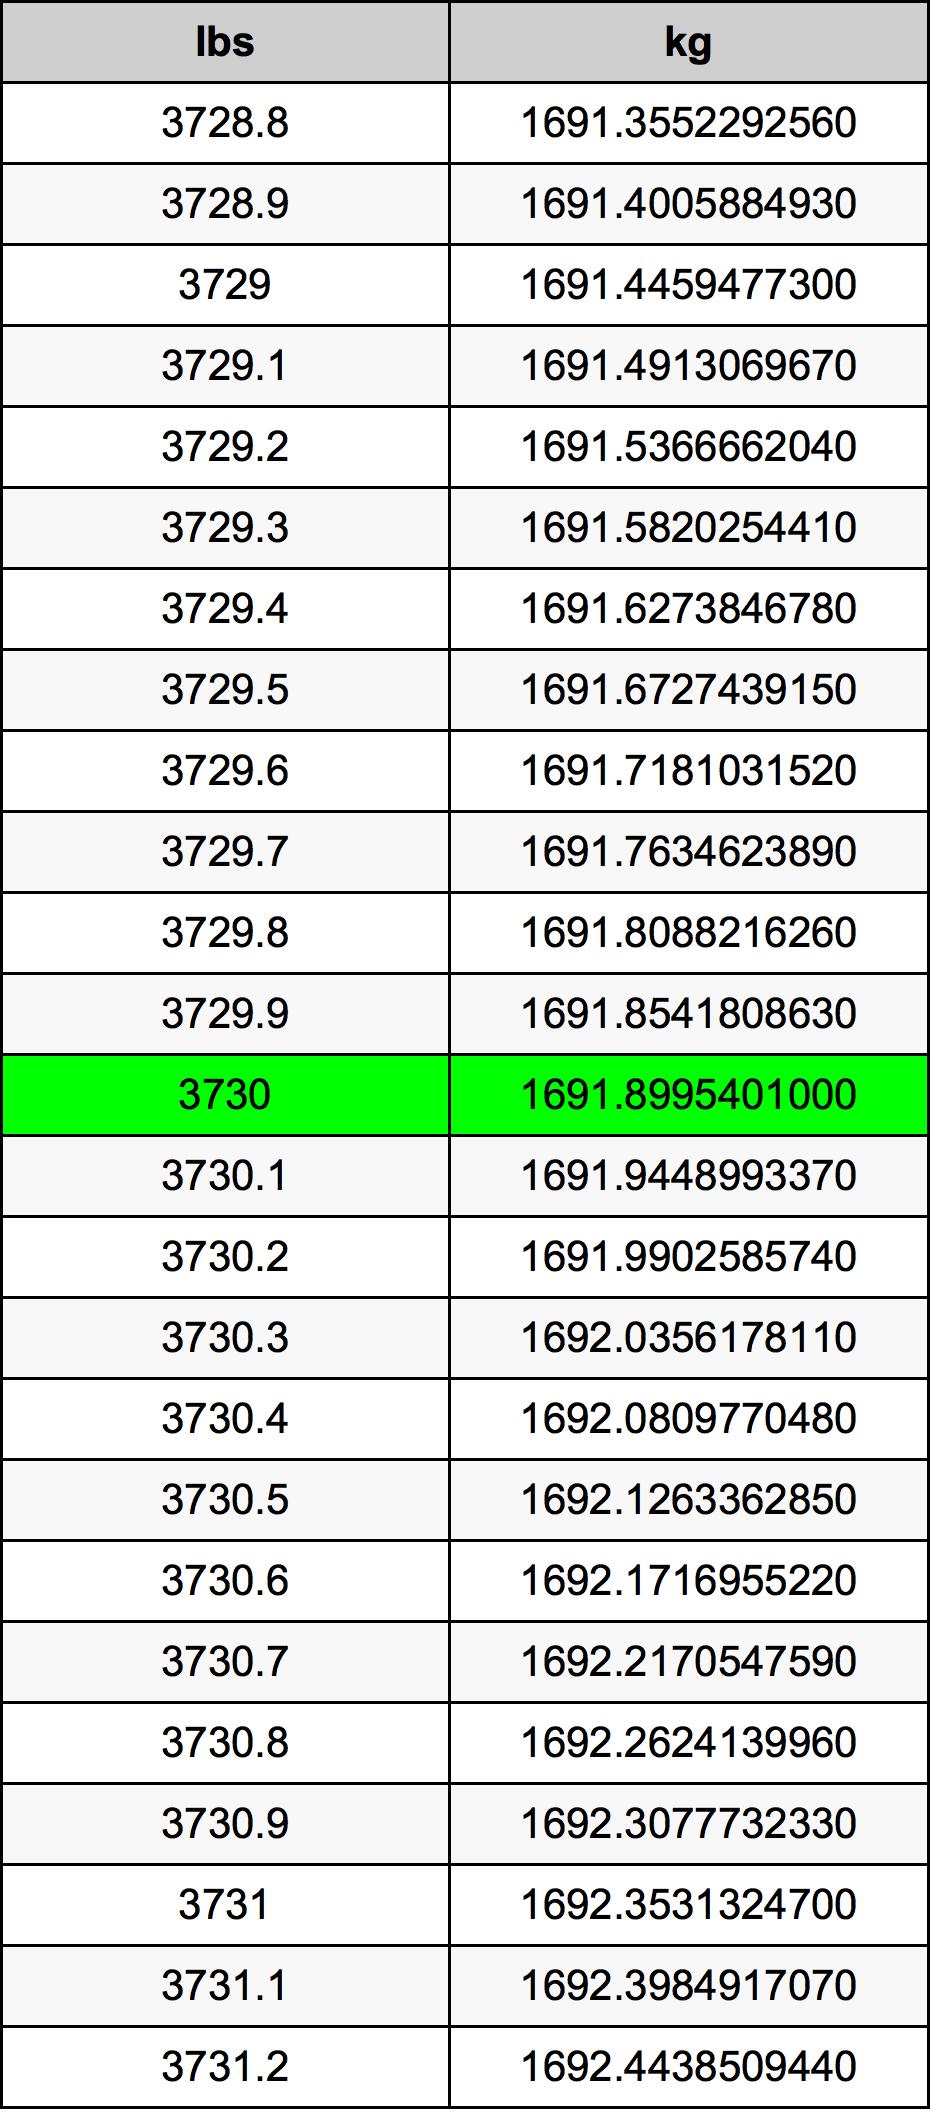 3730 livră tabelul de conversie